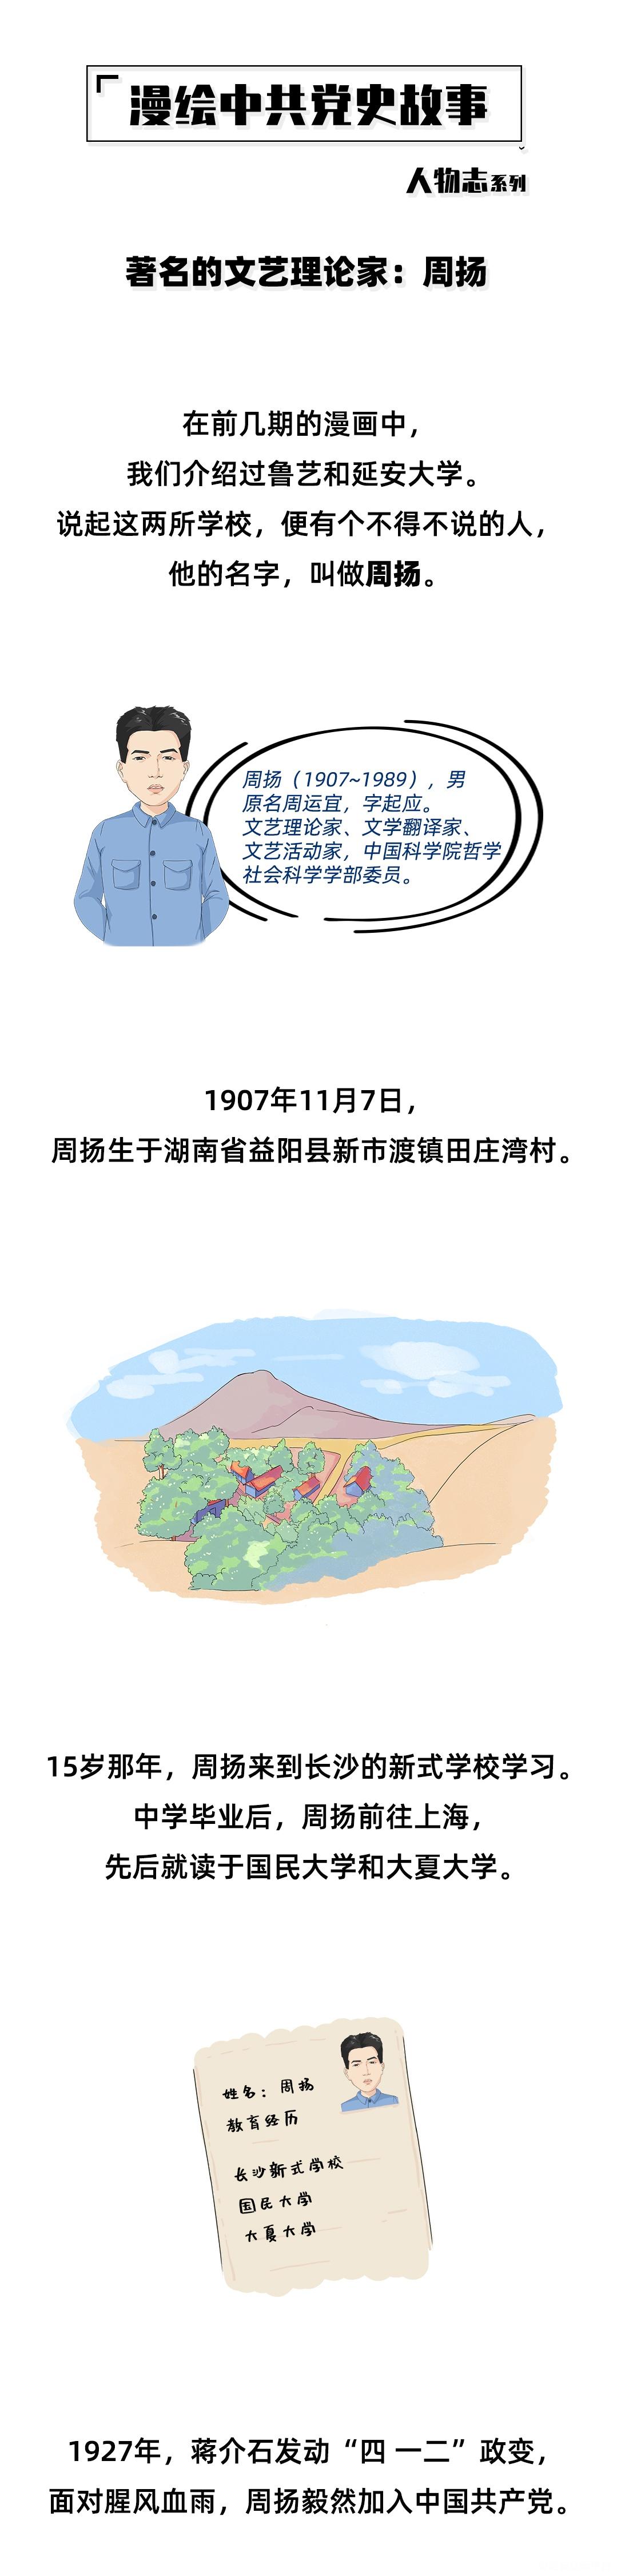 图层 1.png